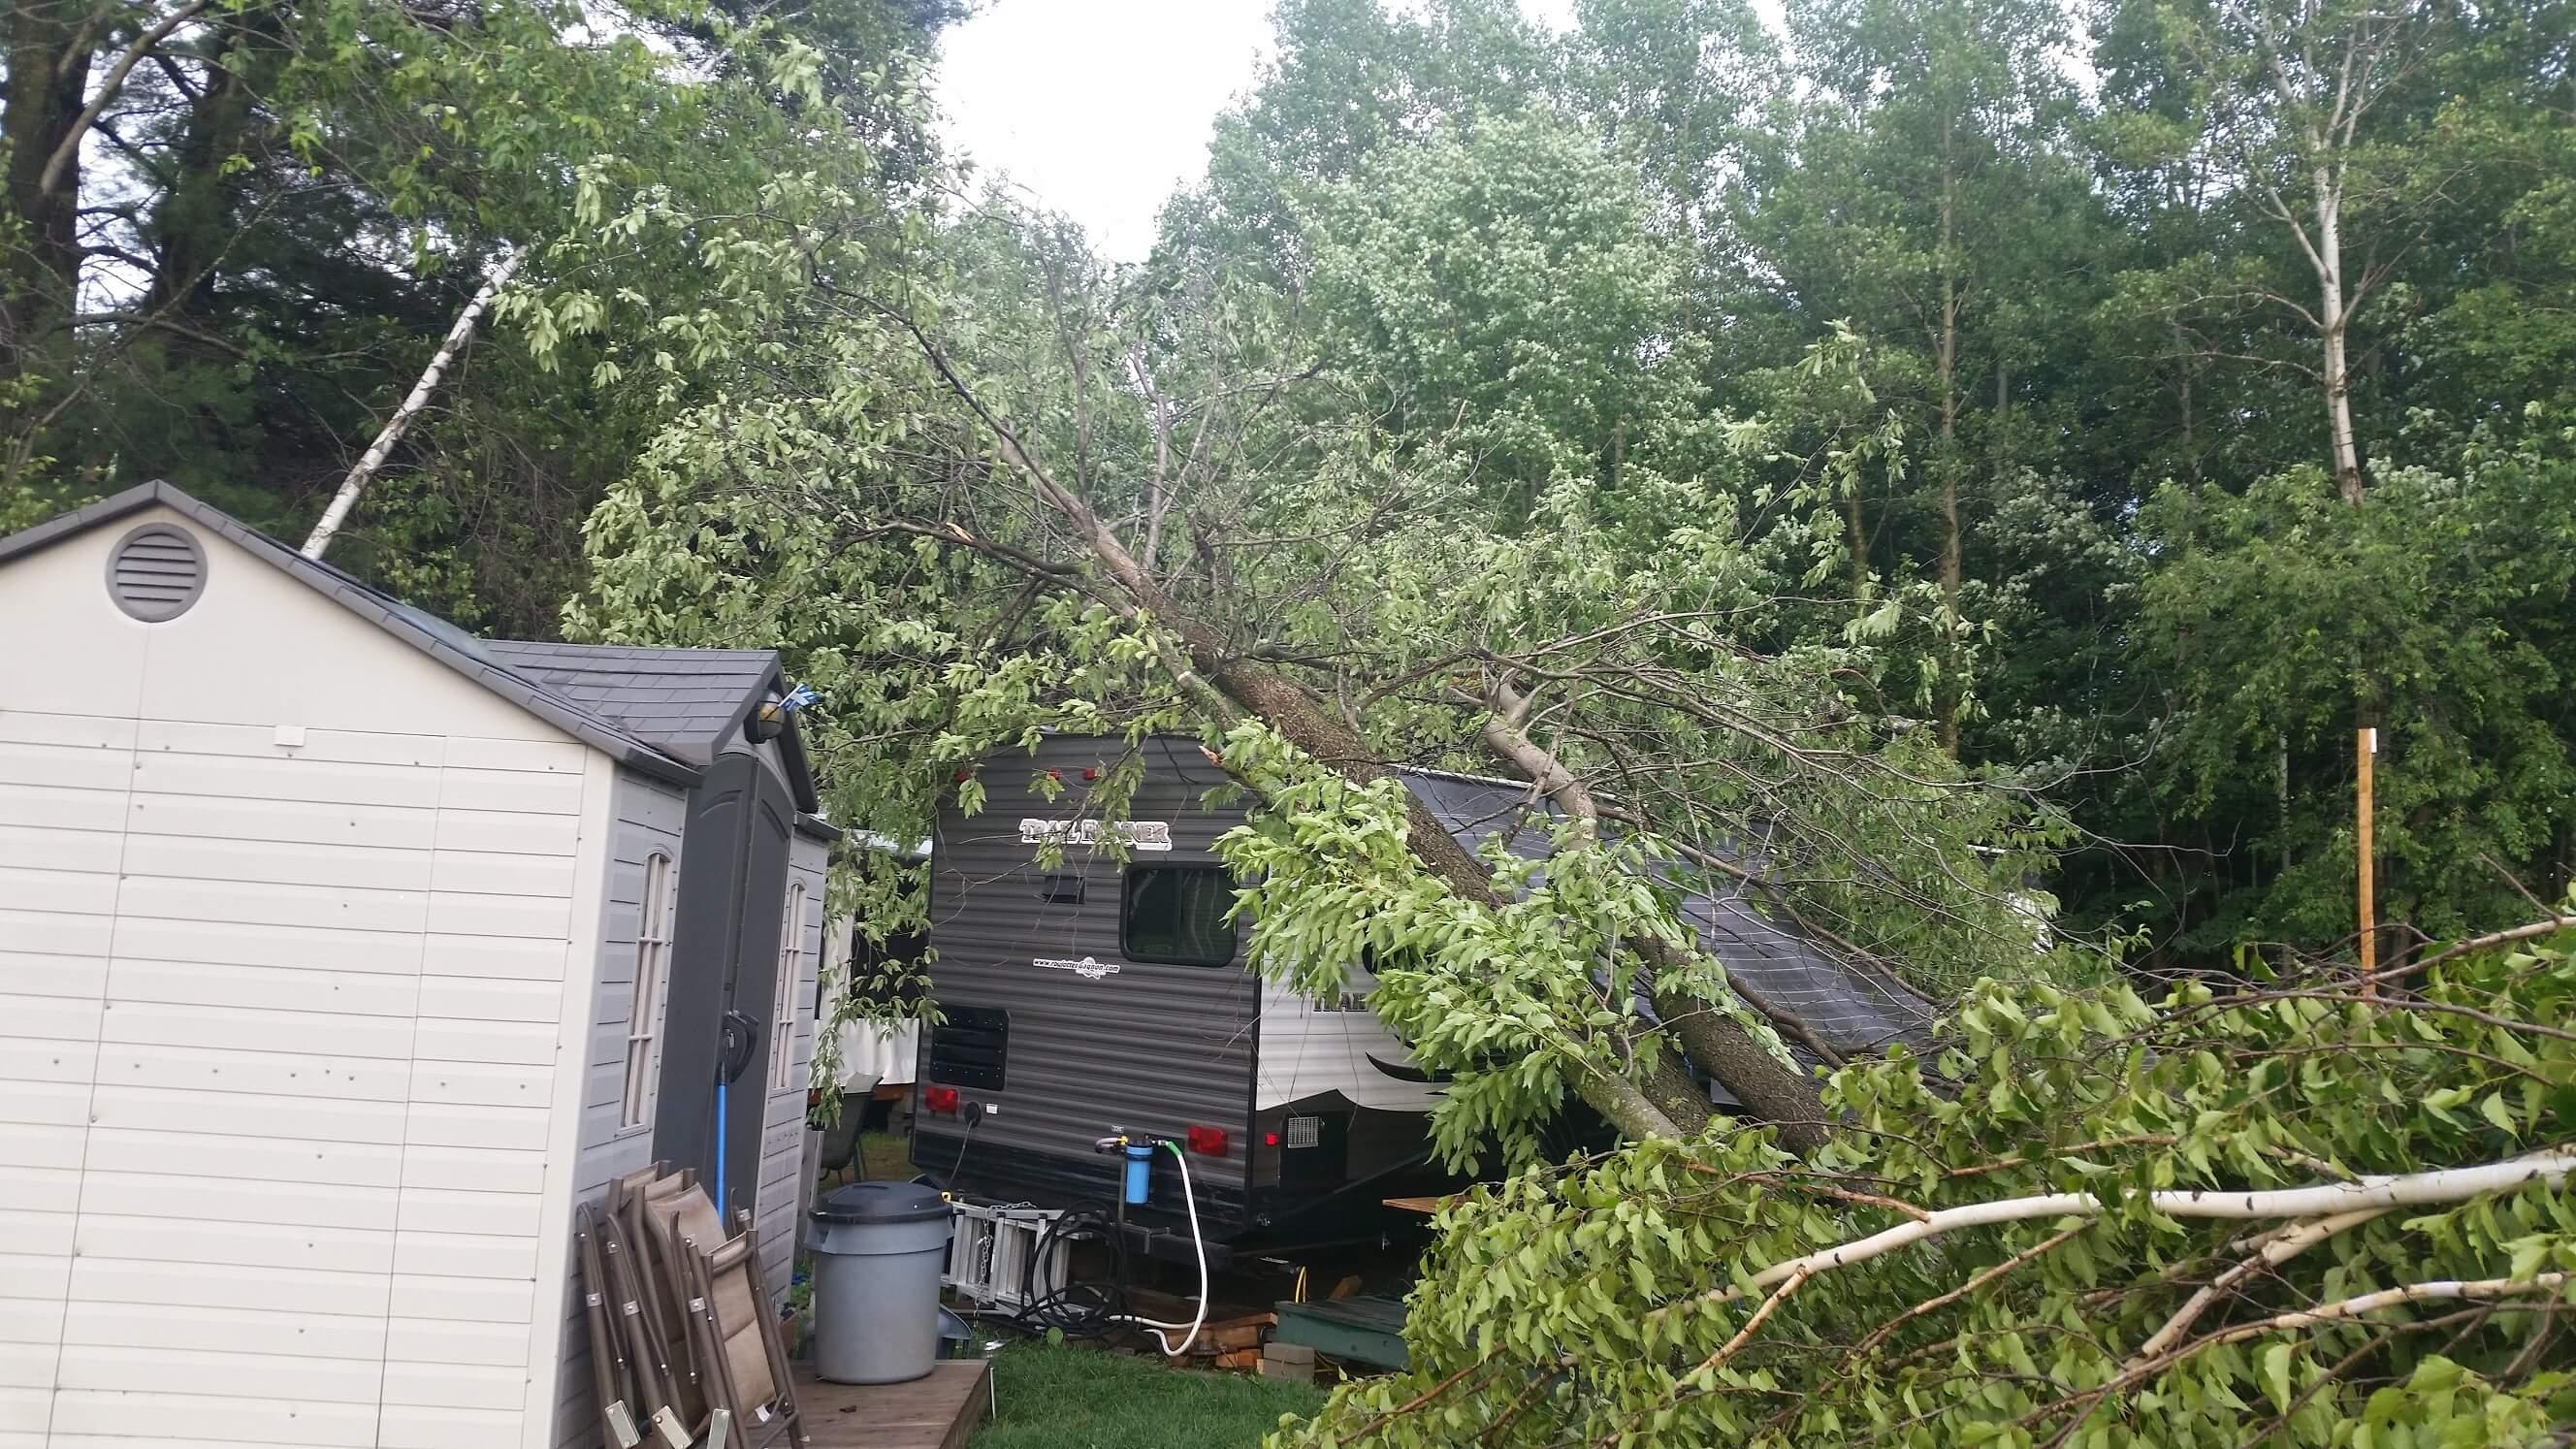 Une partie du camping Le Saint-Paul a subi des dégâts importants le 2 juillet 2018, en raison de la mauvaise température.